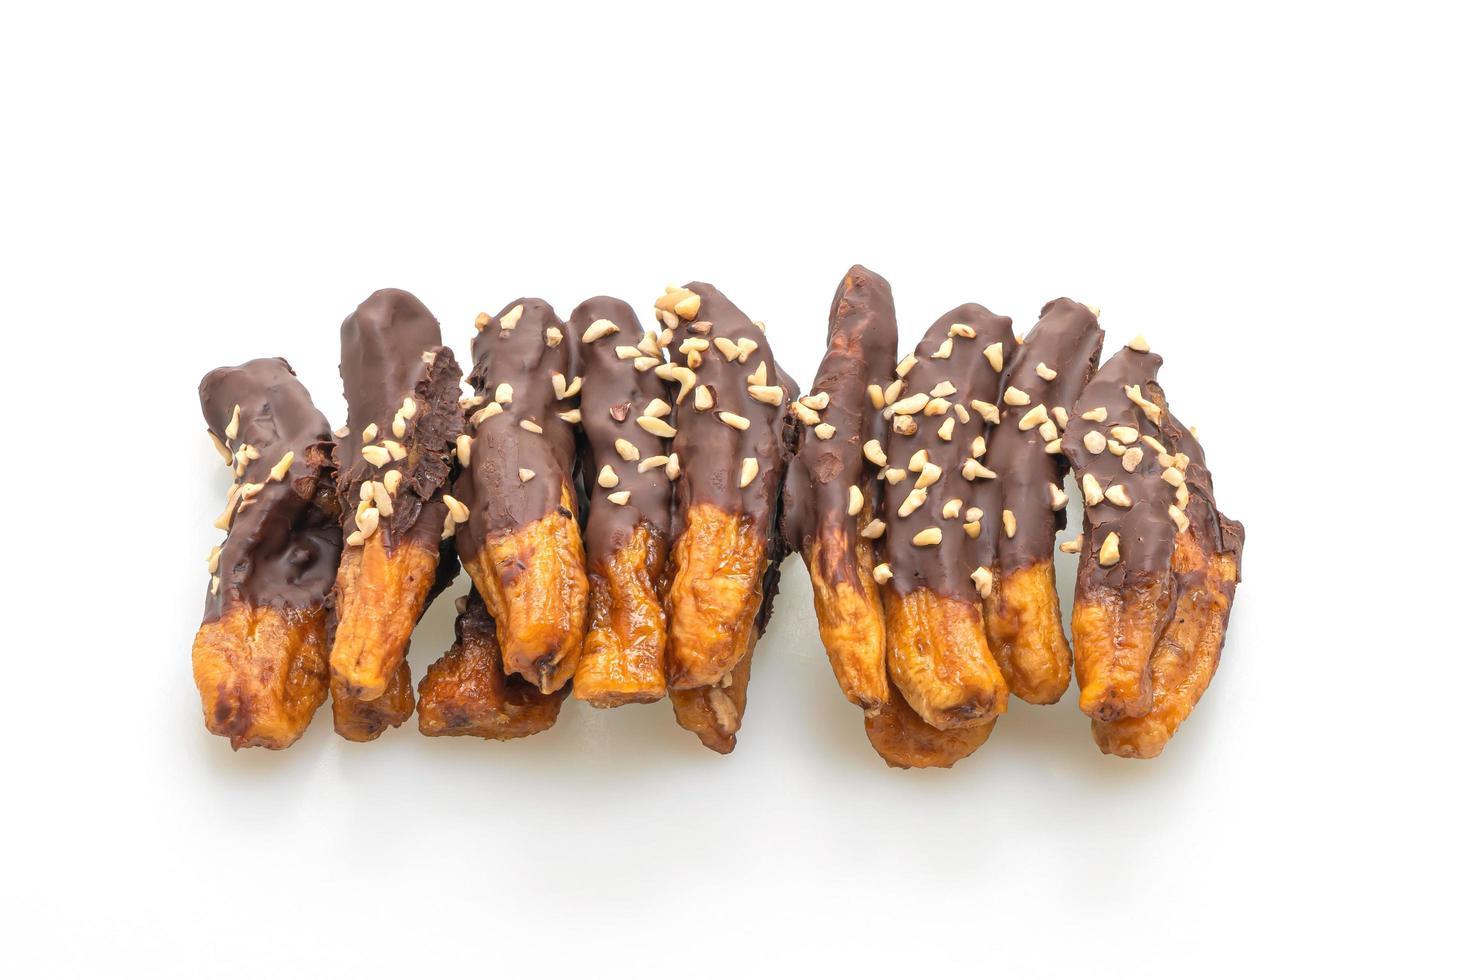 soltorkad bananskokollack eller banandoppad choklad isolerad på vit bakgrund foto